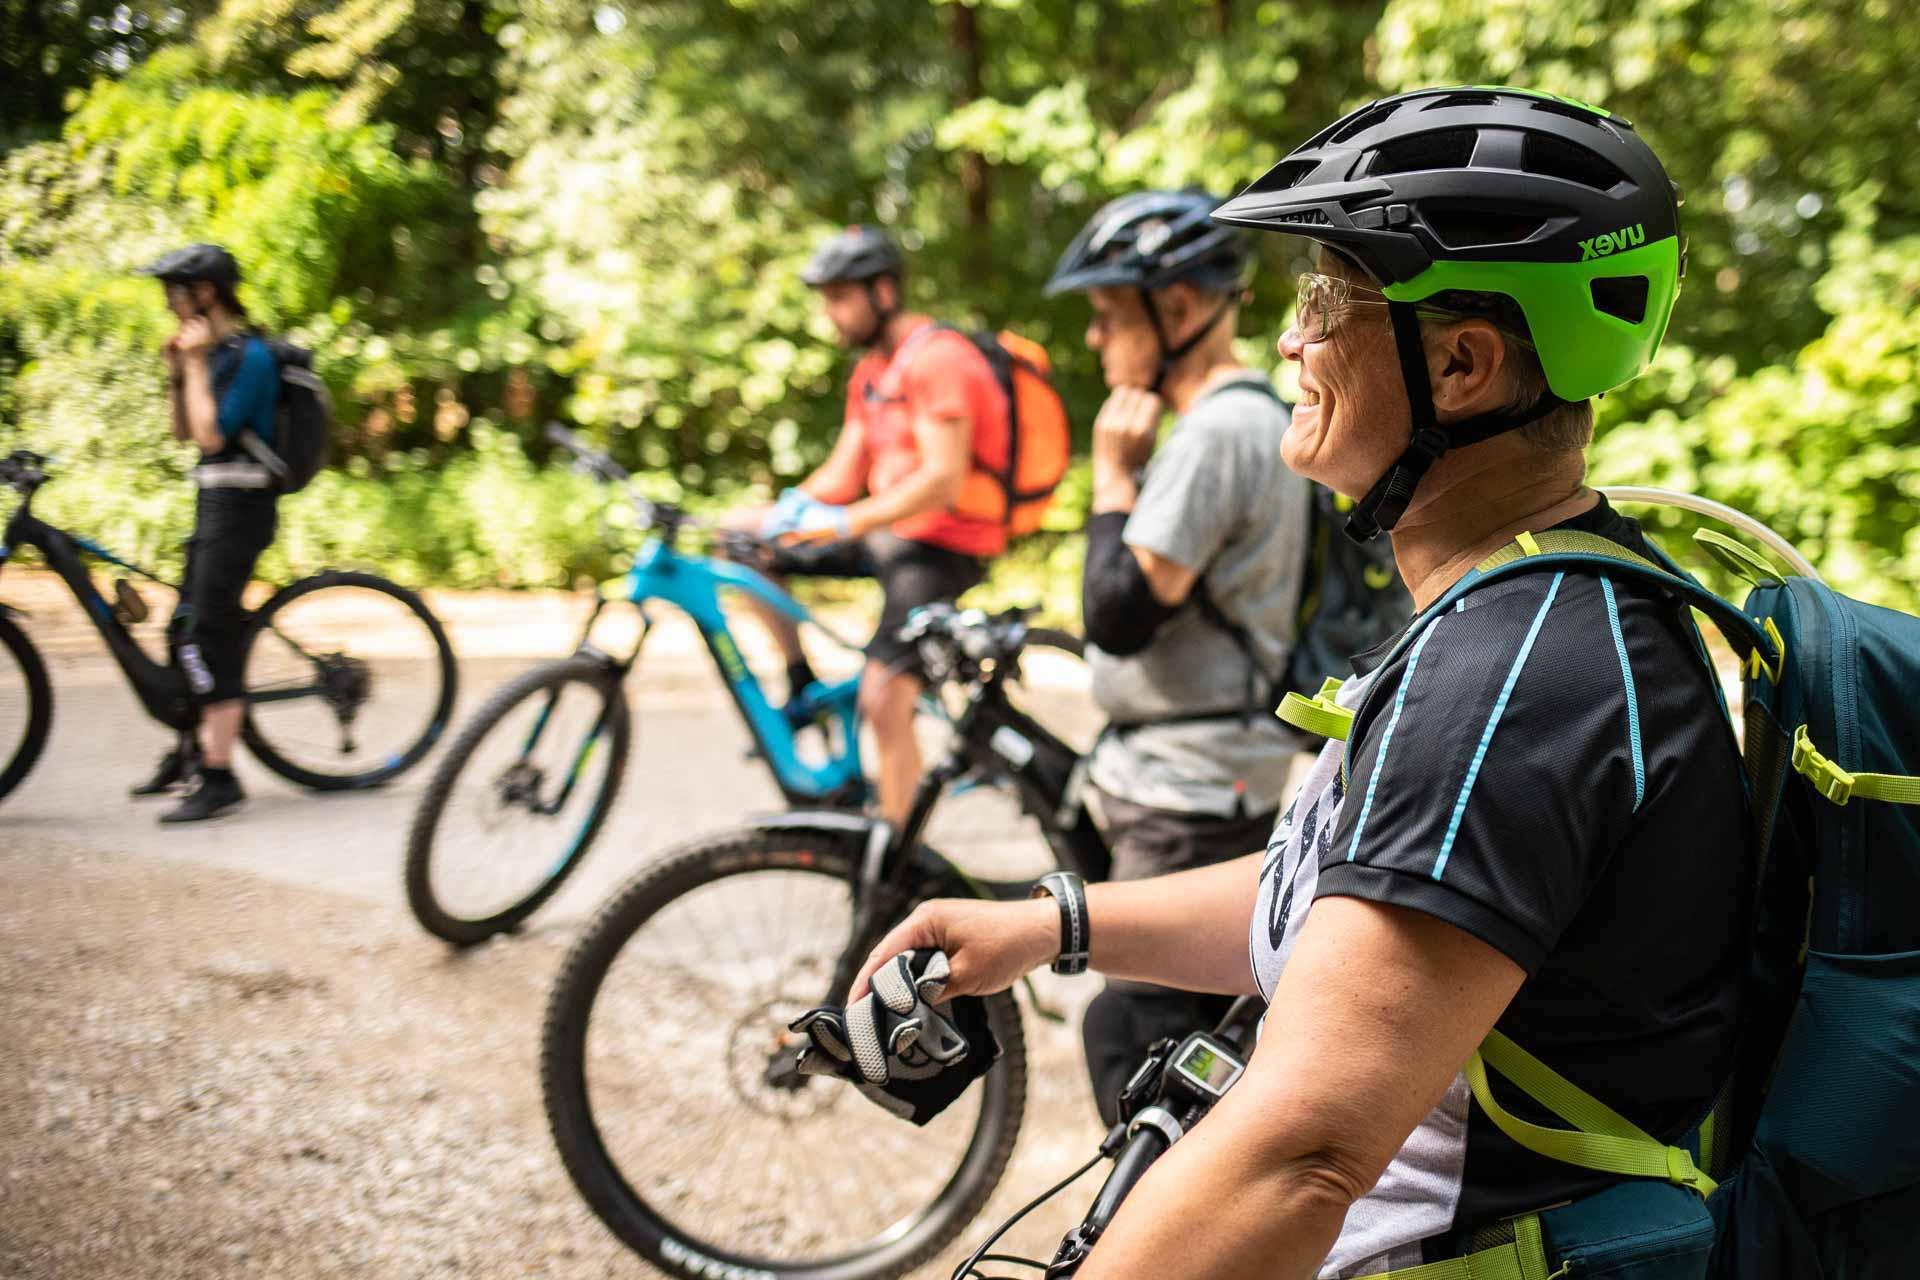 MTB Fahrtechnik Kurs für Einsteiger in Marburg - Biedenkopf Universitäts Stadt Hessen - Mountainbike Basic - Rock my Trail Bikeschule